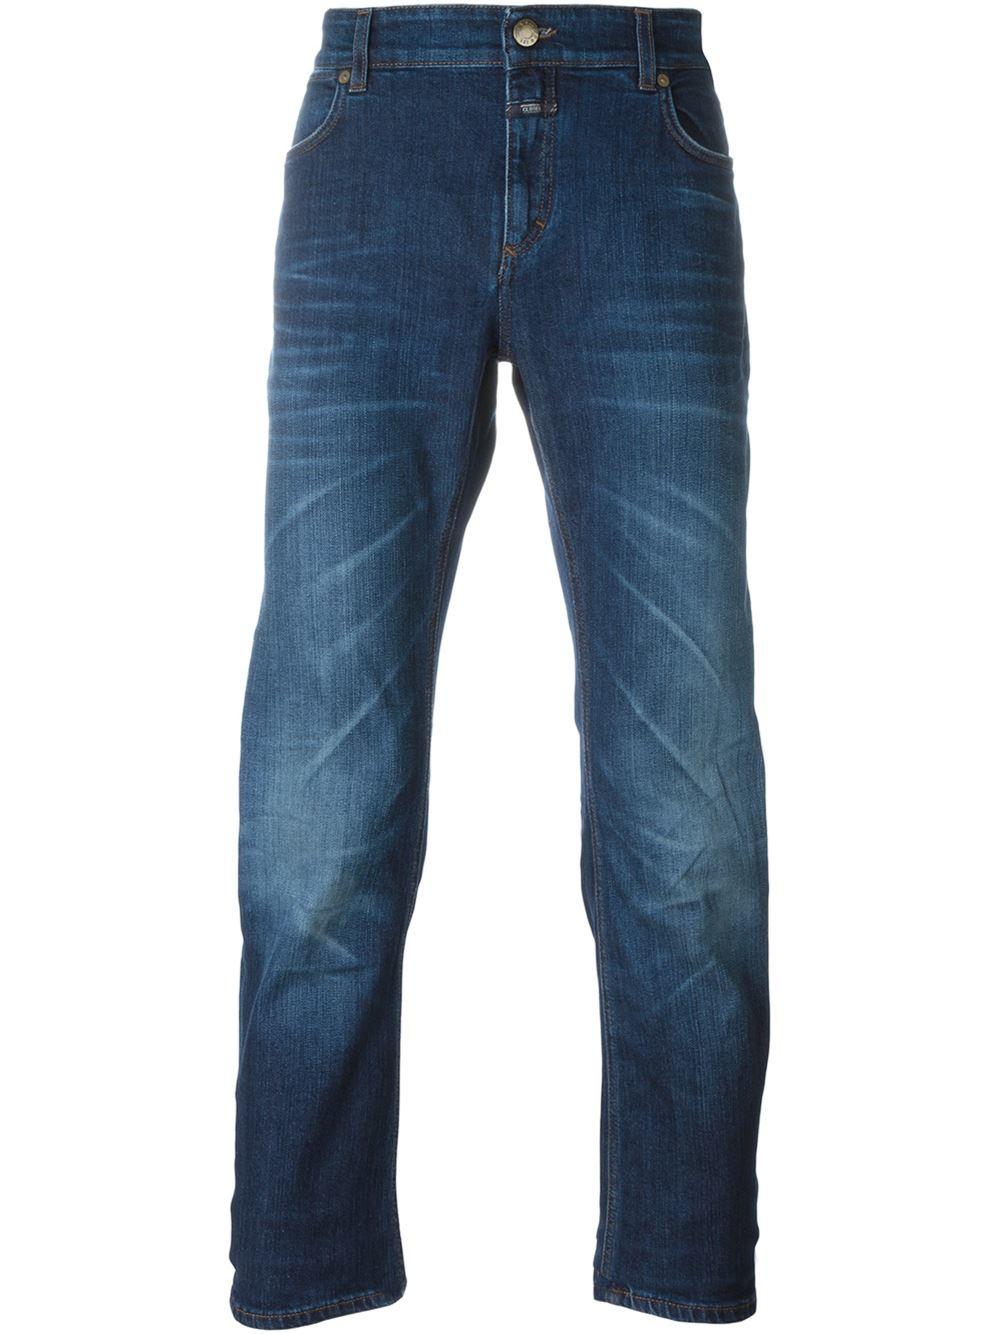 closed 39 pedal slim 39 slim jeans in blue for men save 54 lyst. Black Bedroom Furniture Sets. Home Design Ideas